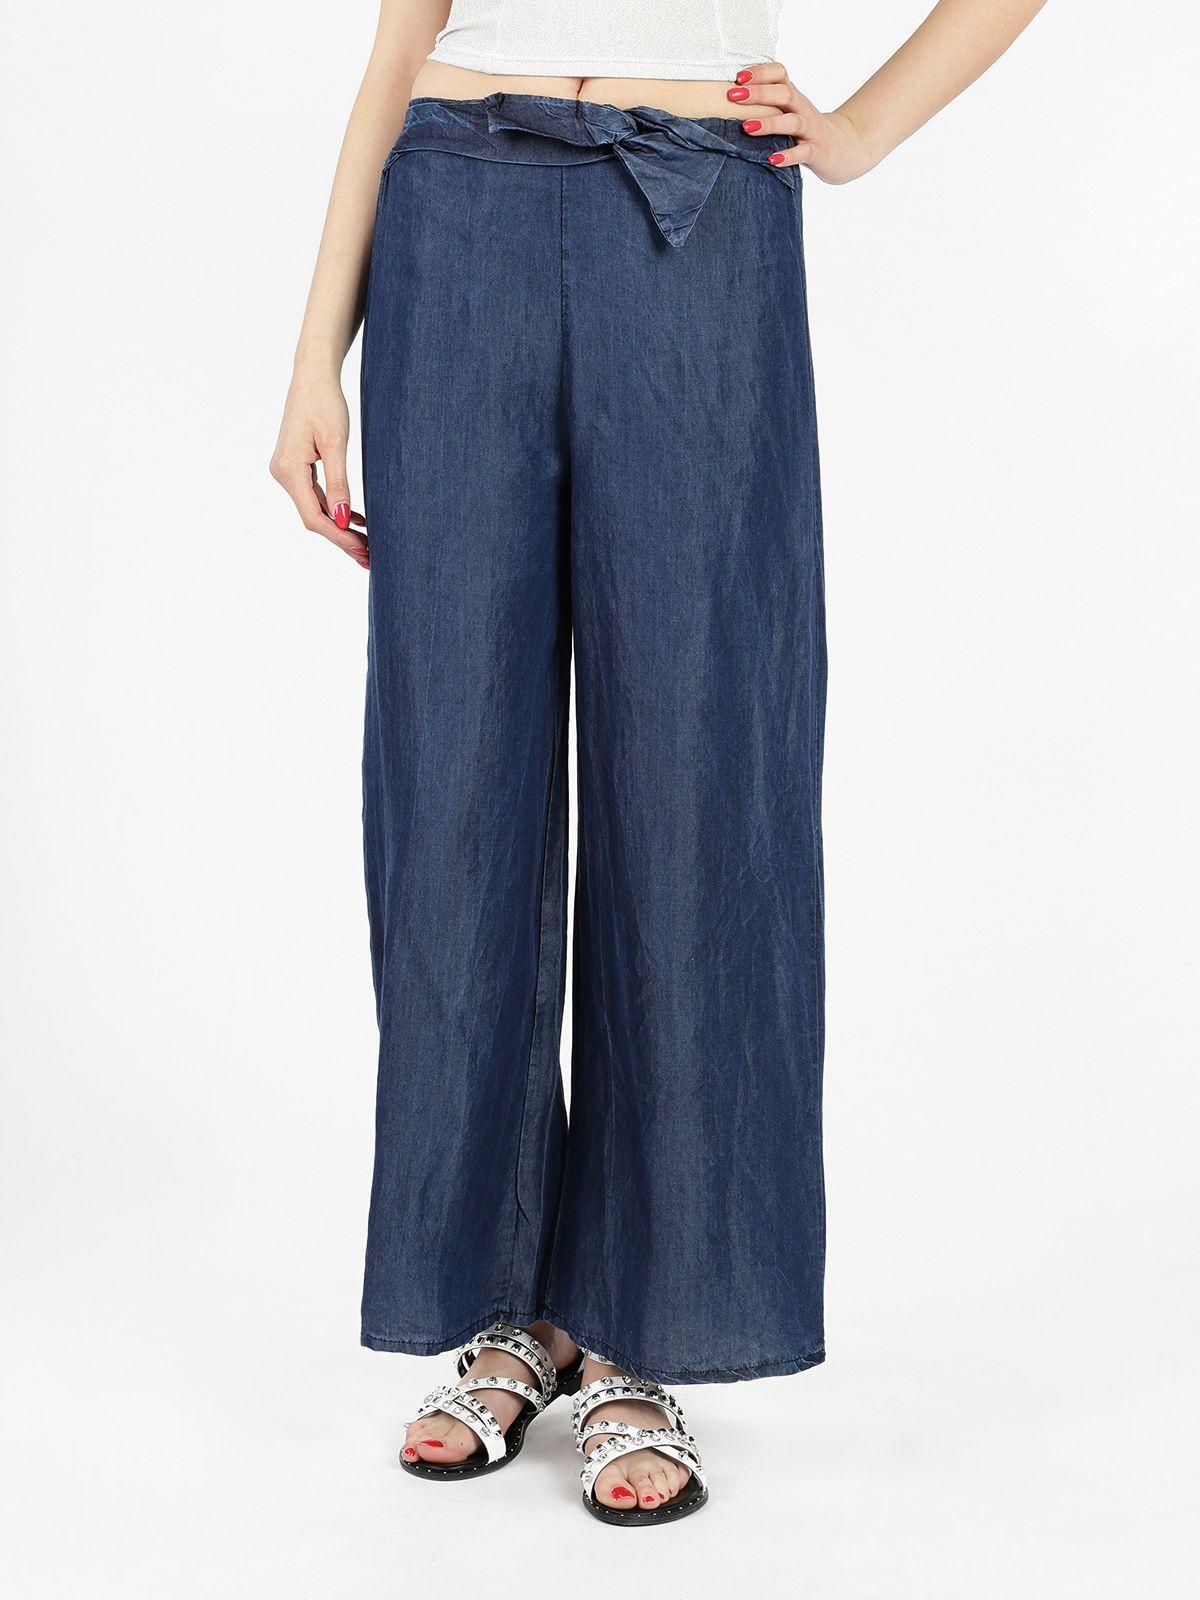 d23ab71253 Pantaloni a palazzo effetto jeans, cotone leggero e fresco, elastico  arricciato in vita sulla